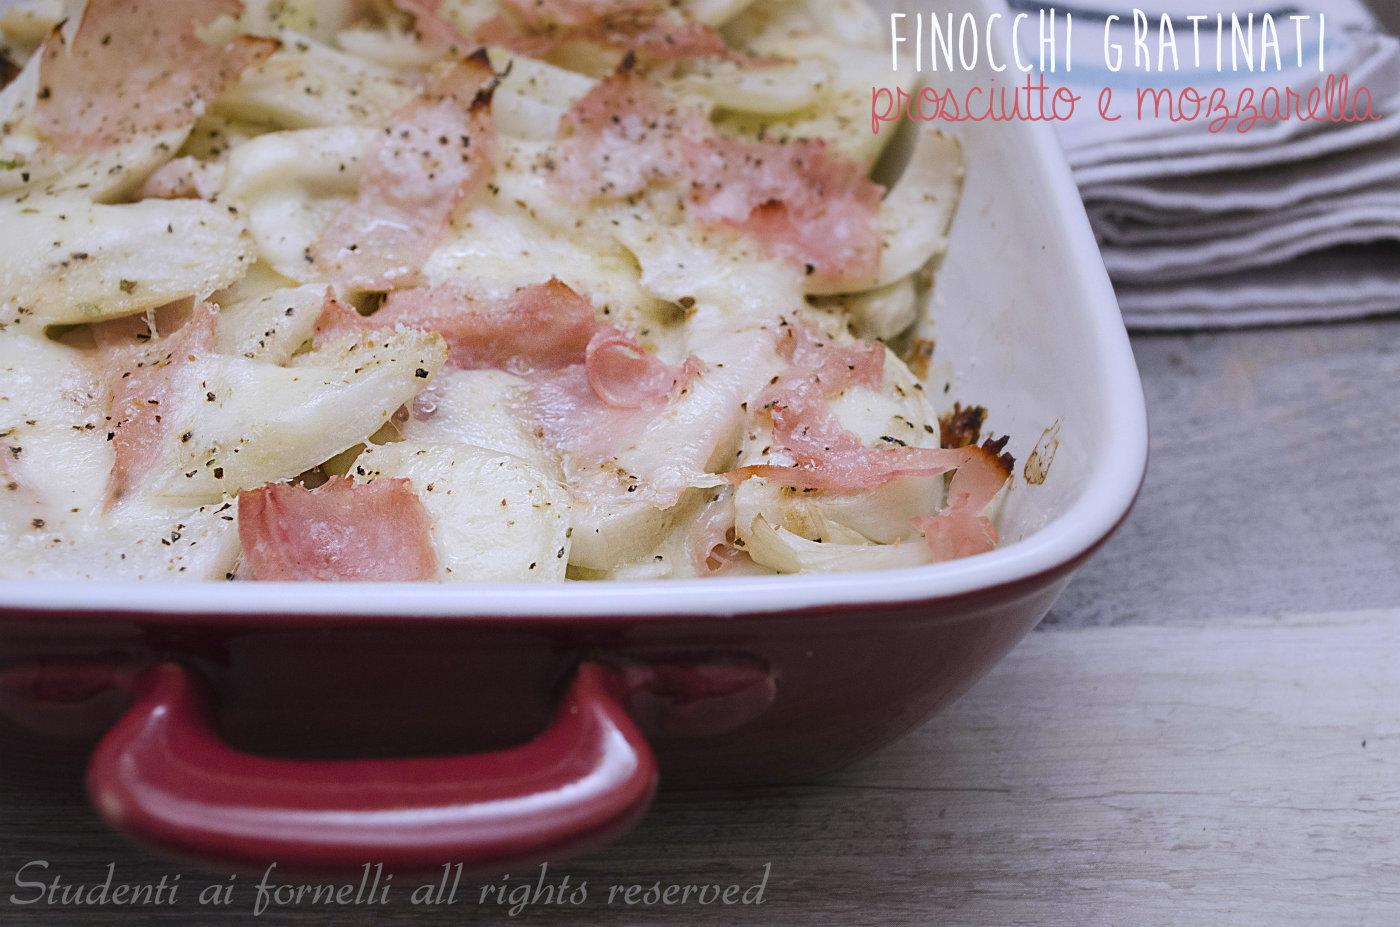 ricette con finocchi gratinati prosciutto e mozzarella al forno o microonde ricetta-senza-besciamella-finocchi-light 2